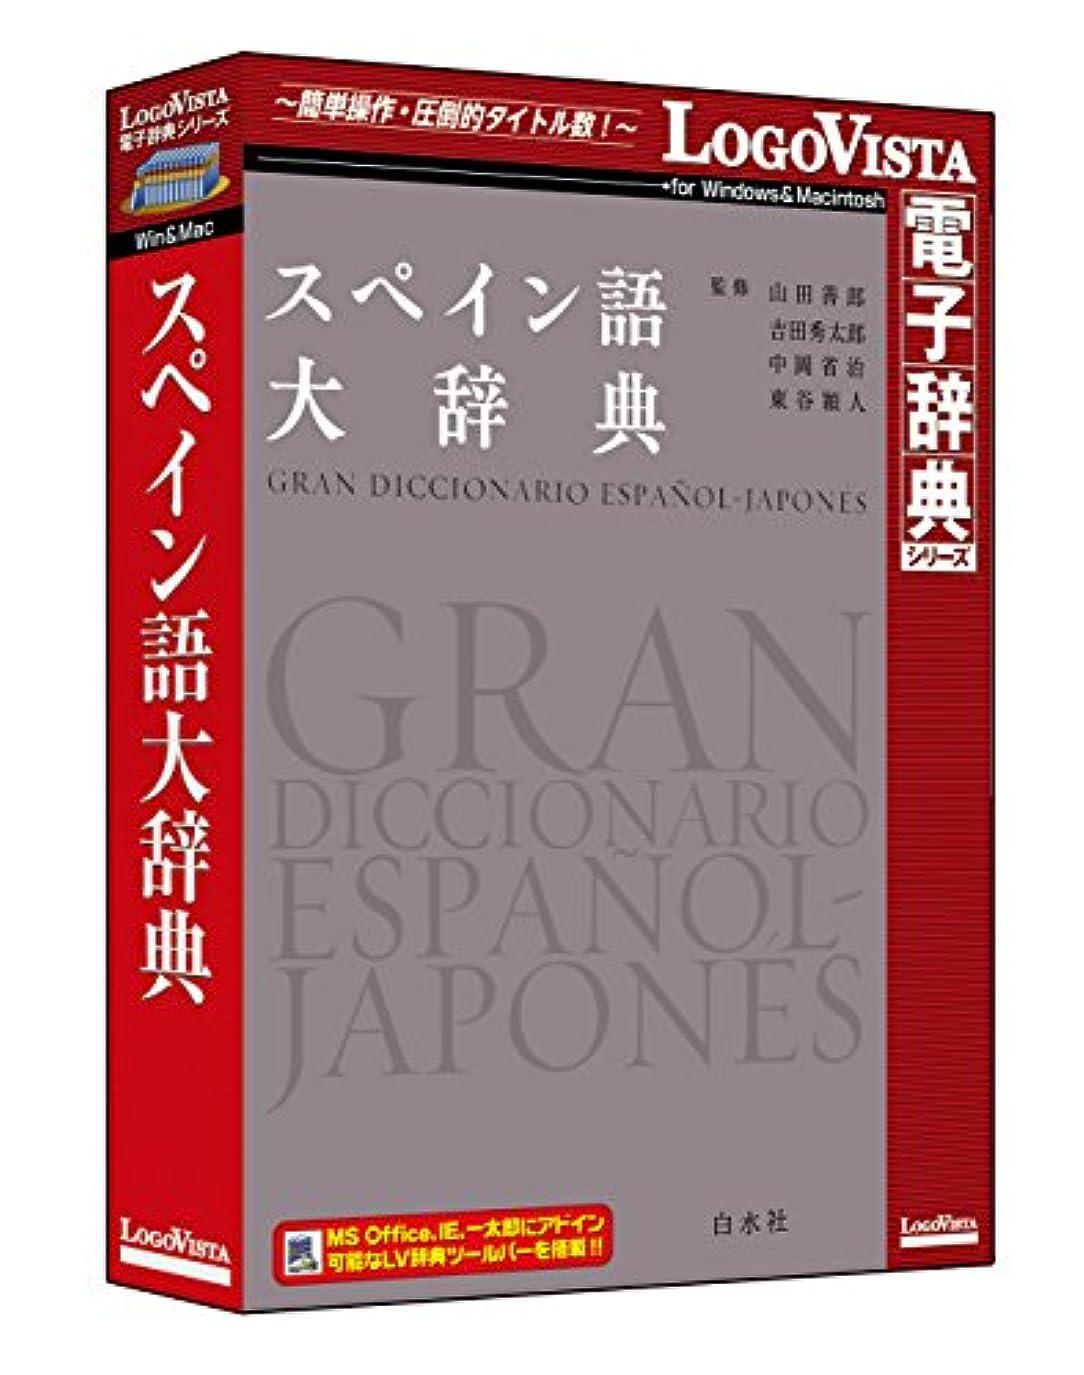 クランシービジター記事スペイン語大辞典